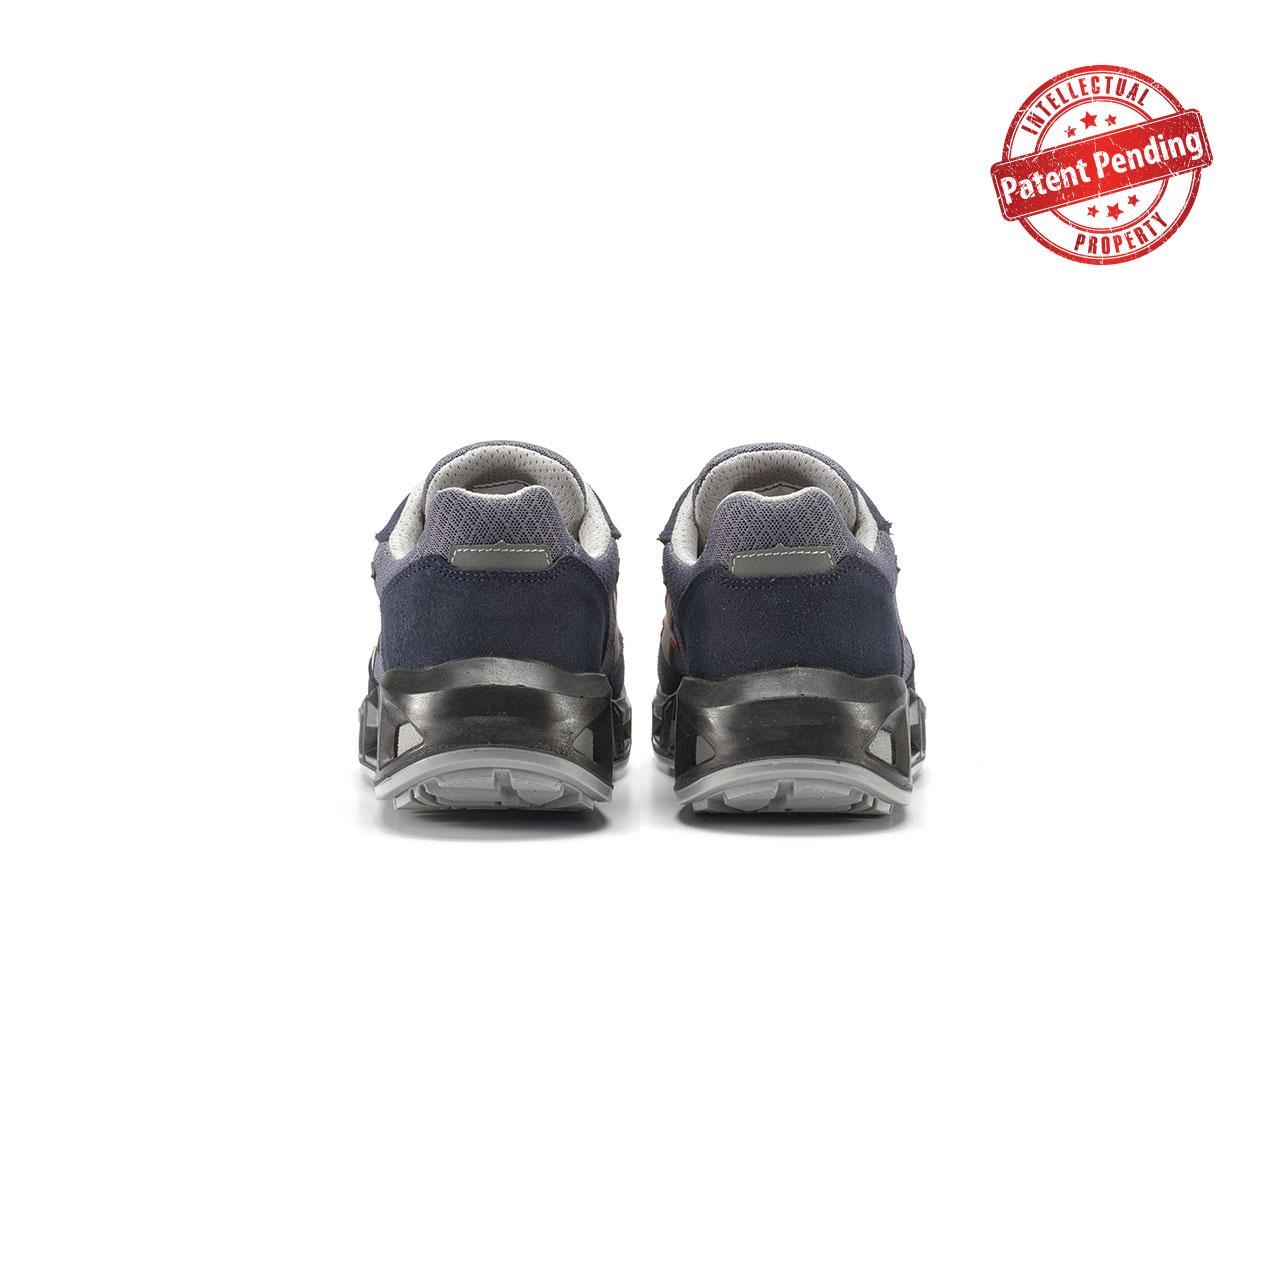 paio di scarpe antinfortunistiche upower modello active carpet linea redcarpet vista retro